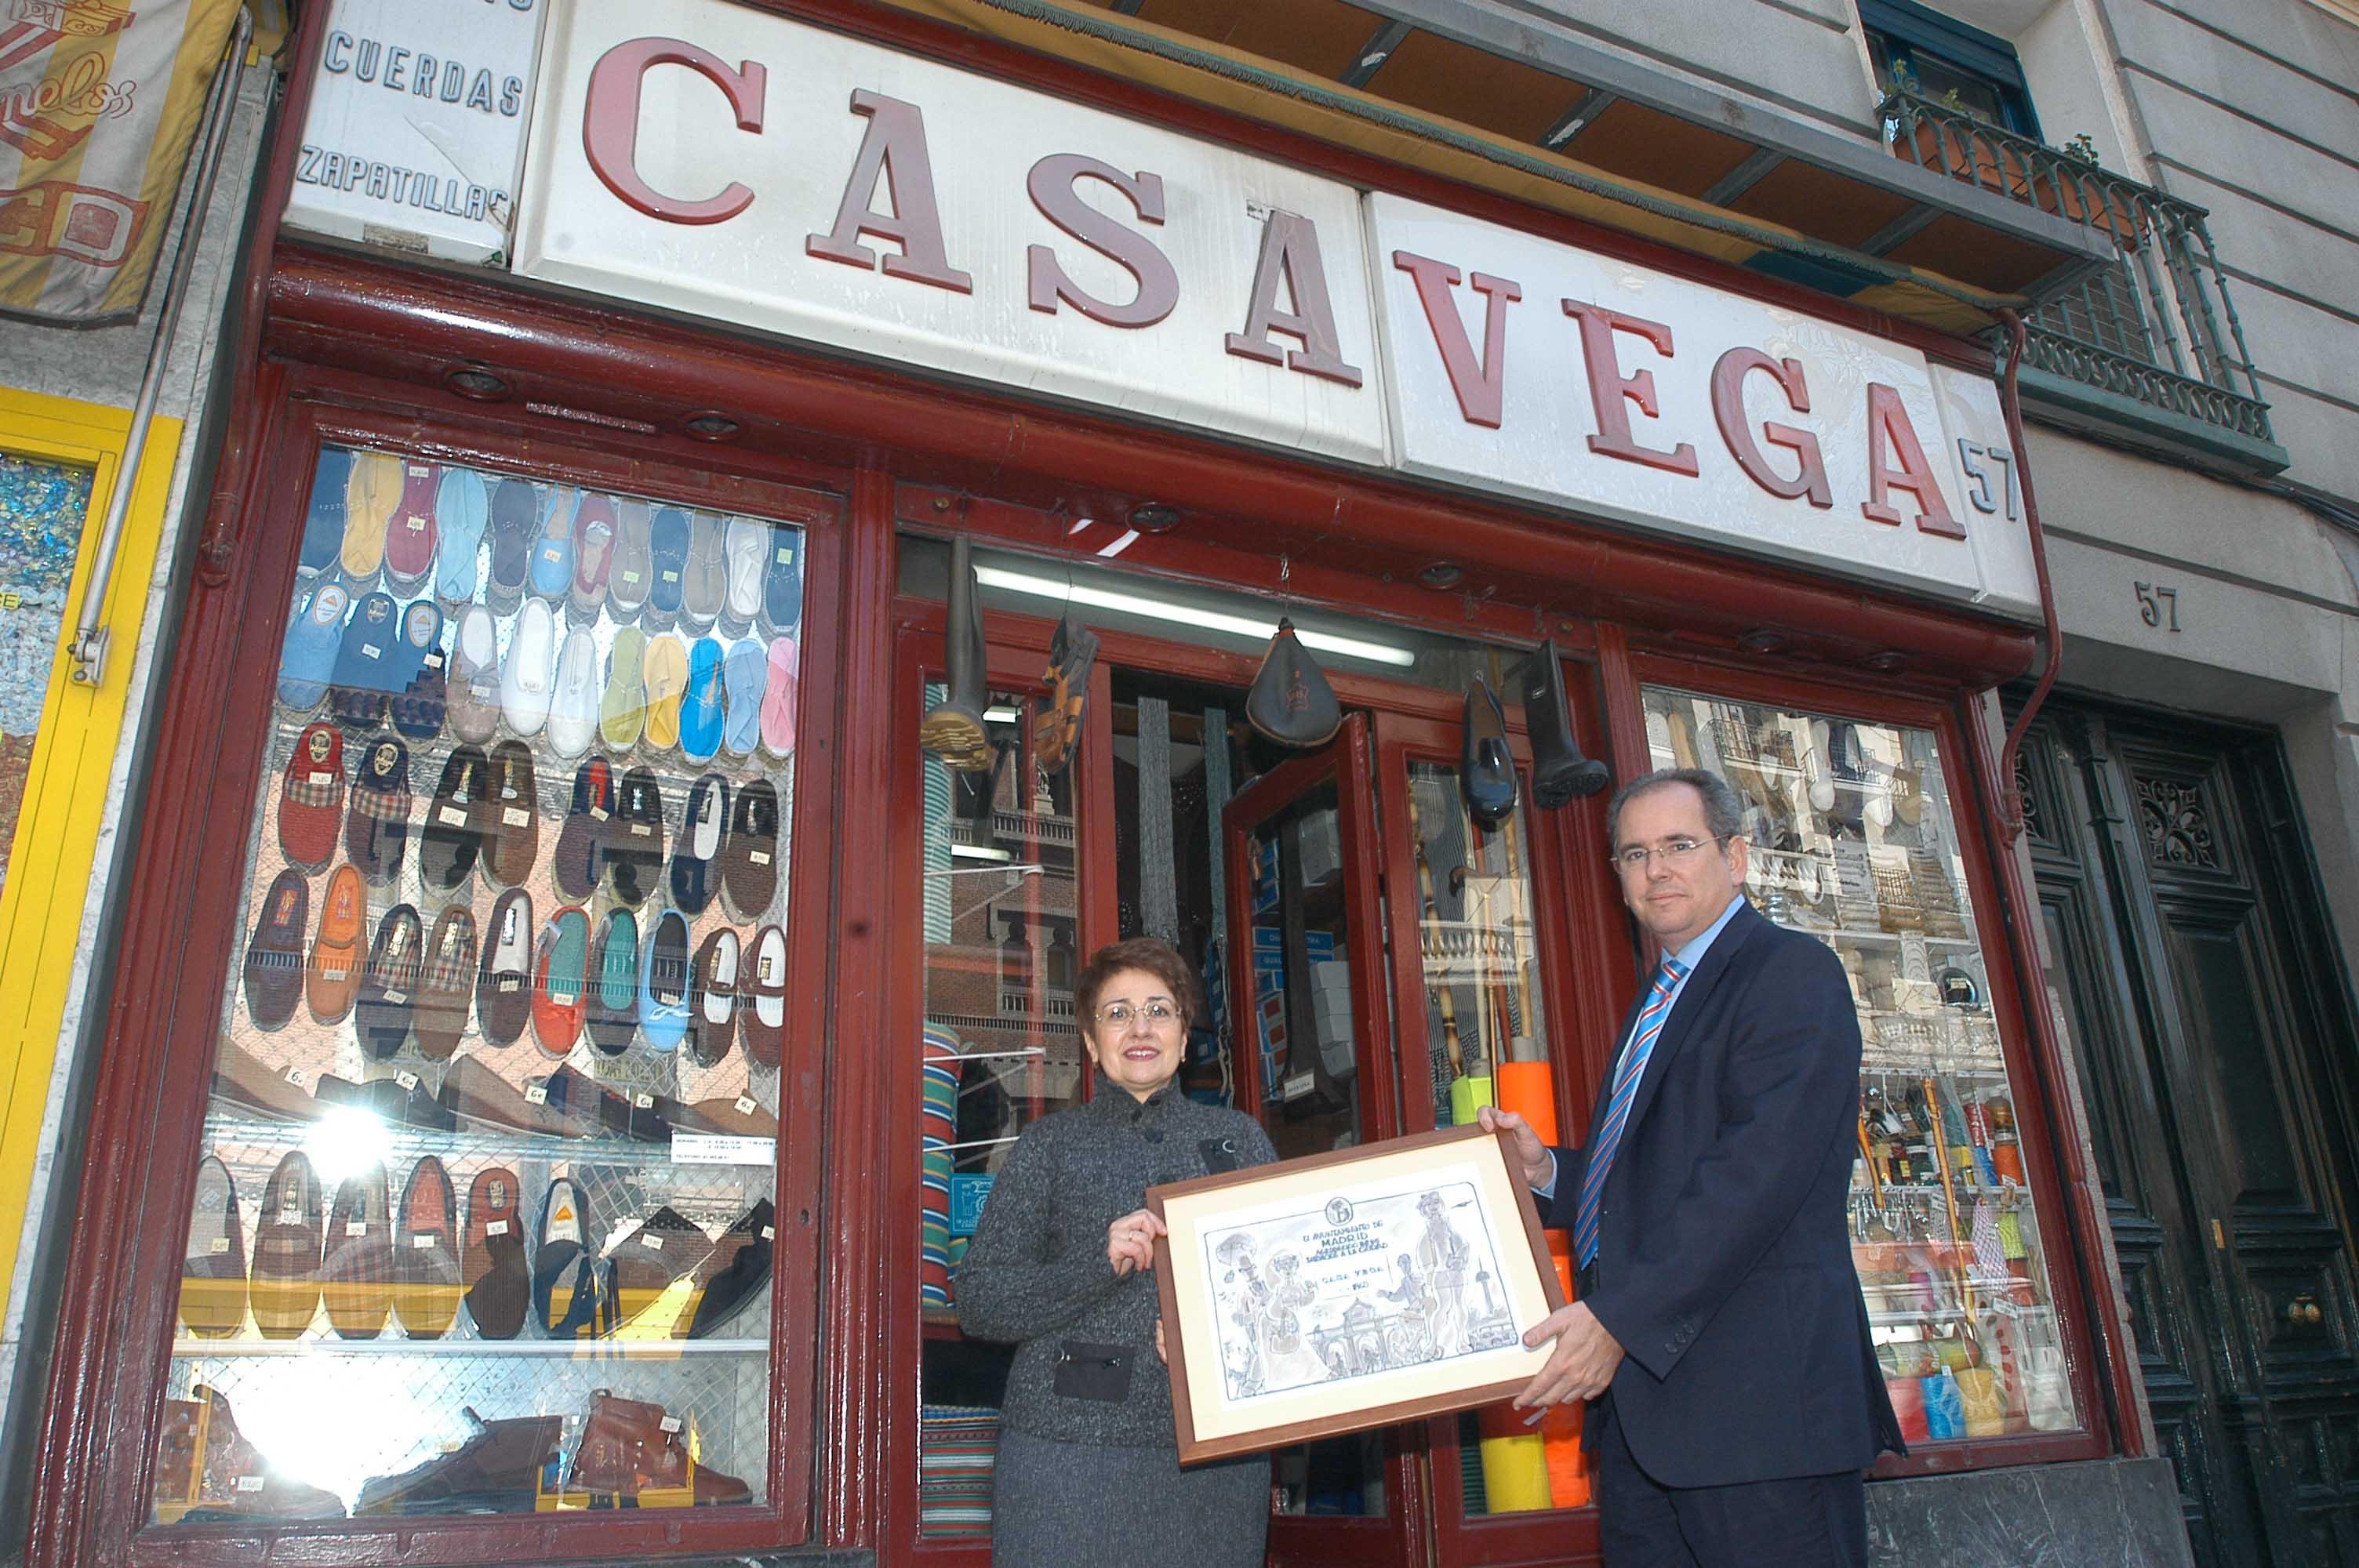 Placas conmemorativas para casa vega y la taberna de antonio s nchez ayuntamiento de madrid - Casa vega madrid ...